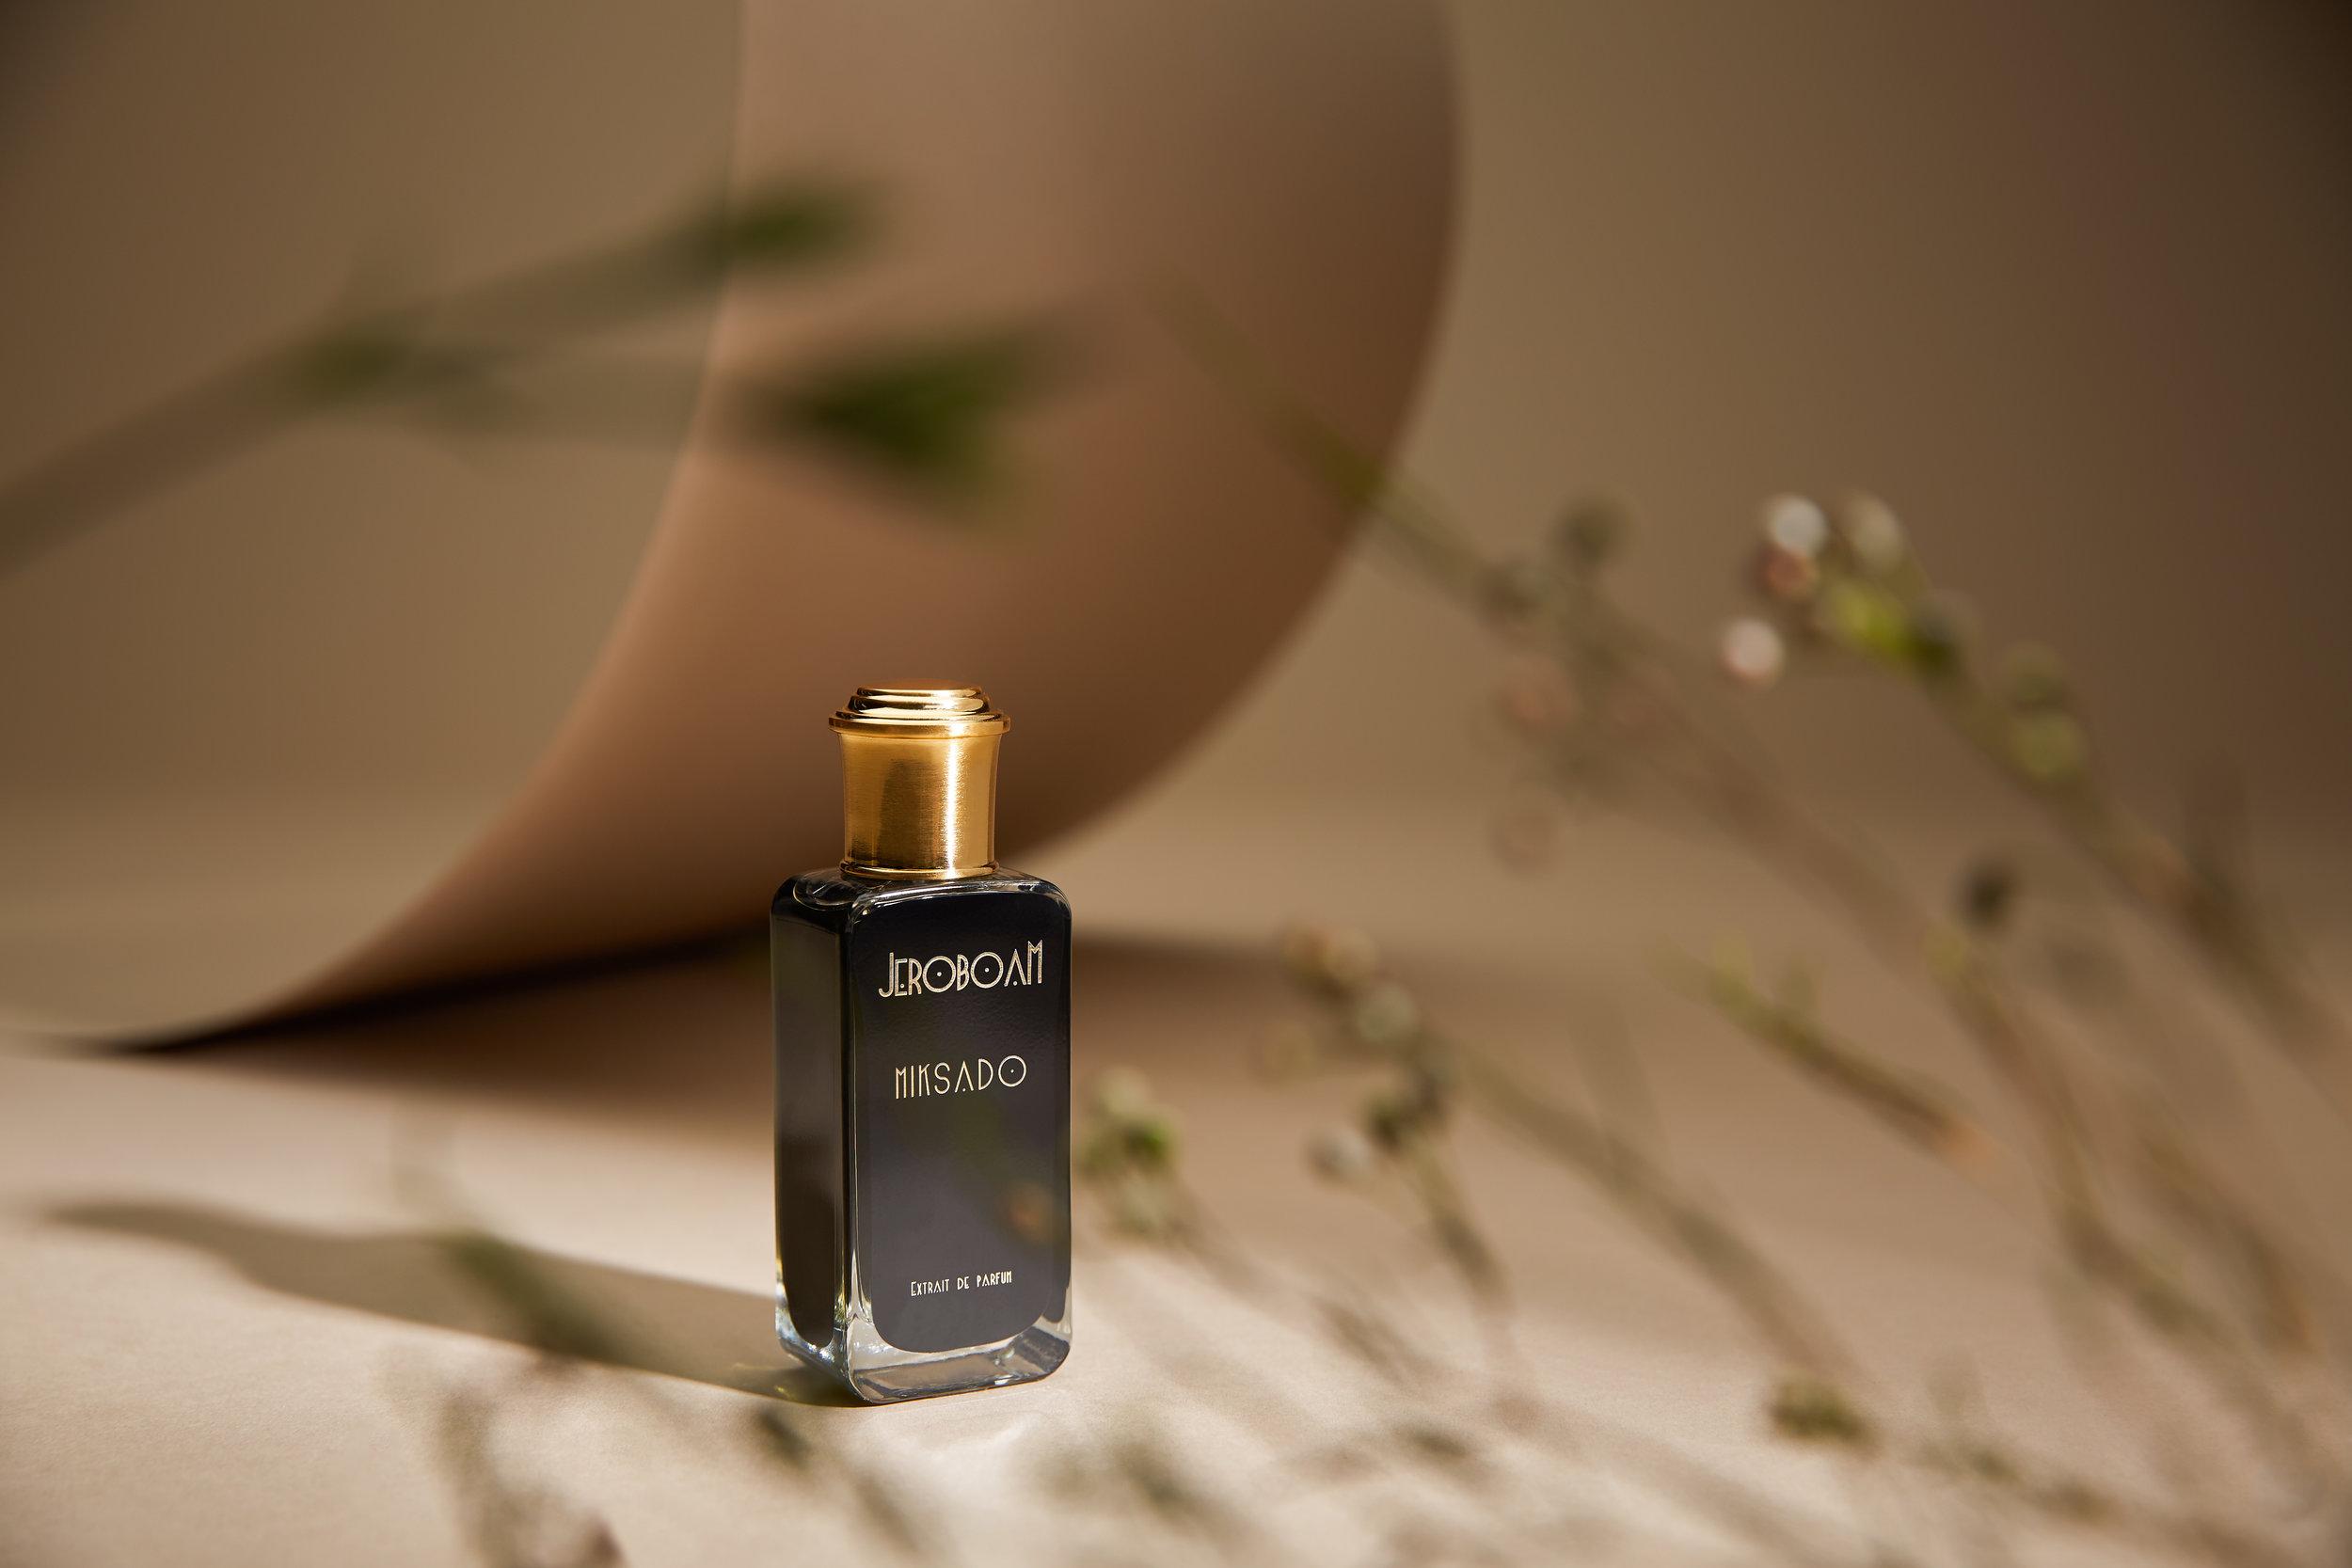 Jeroboam at H Parfums